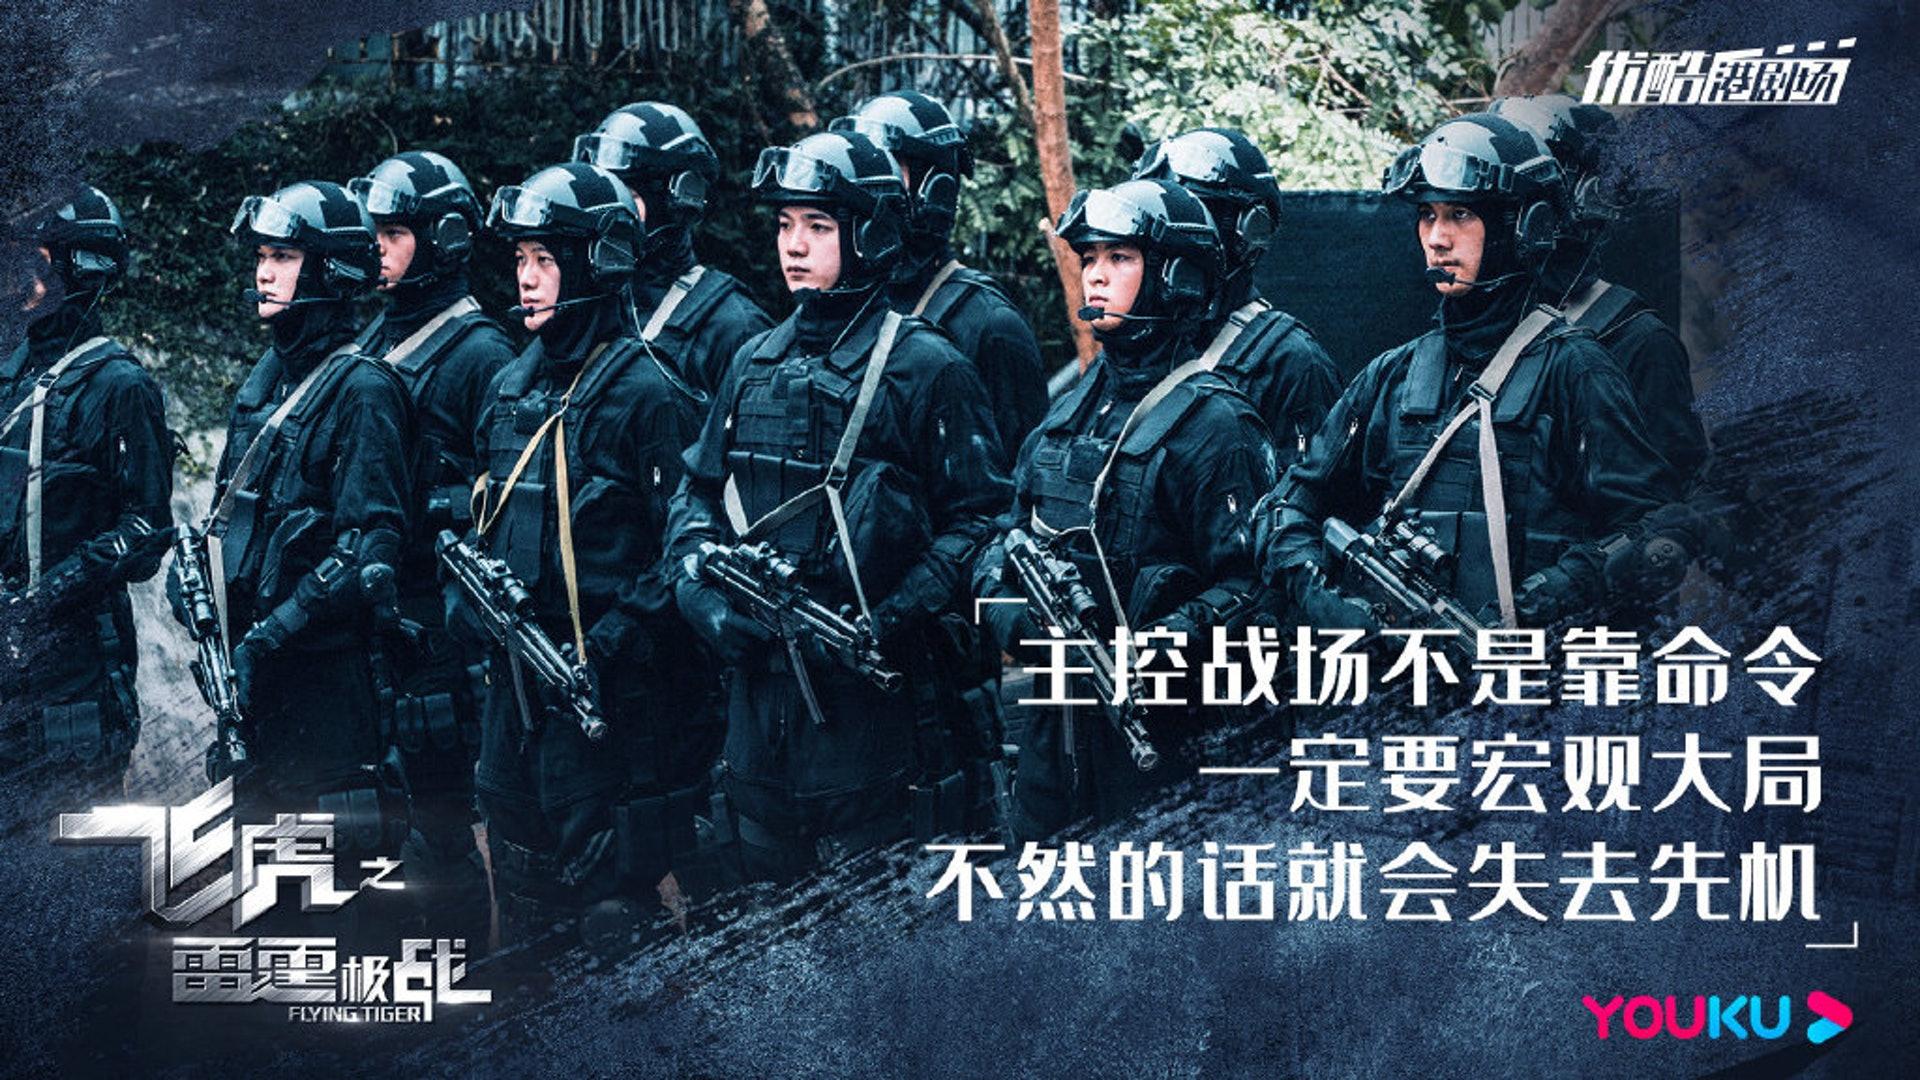 曾經的TVB當紅小生黃宗澤、吳卓羲、馬國明繼《衝上雲霄》後,時隔16年再度合作。(微博/@飛虎之雷霆極戰)